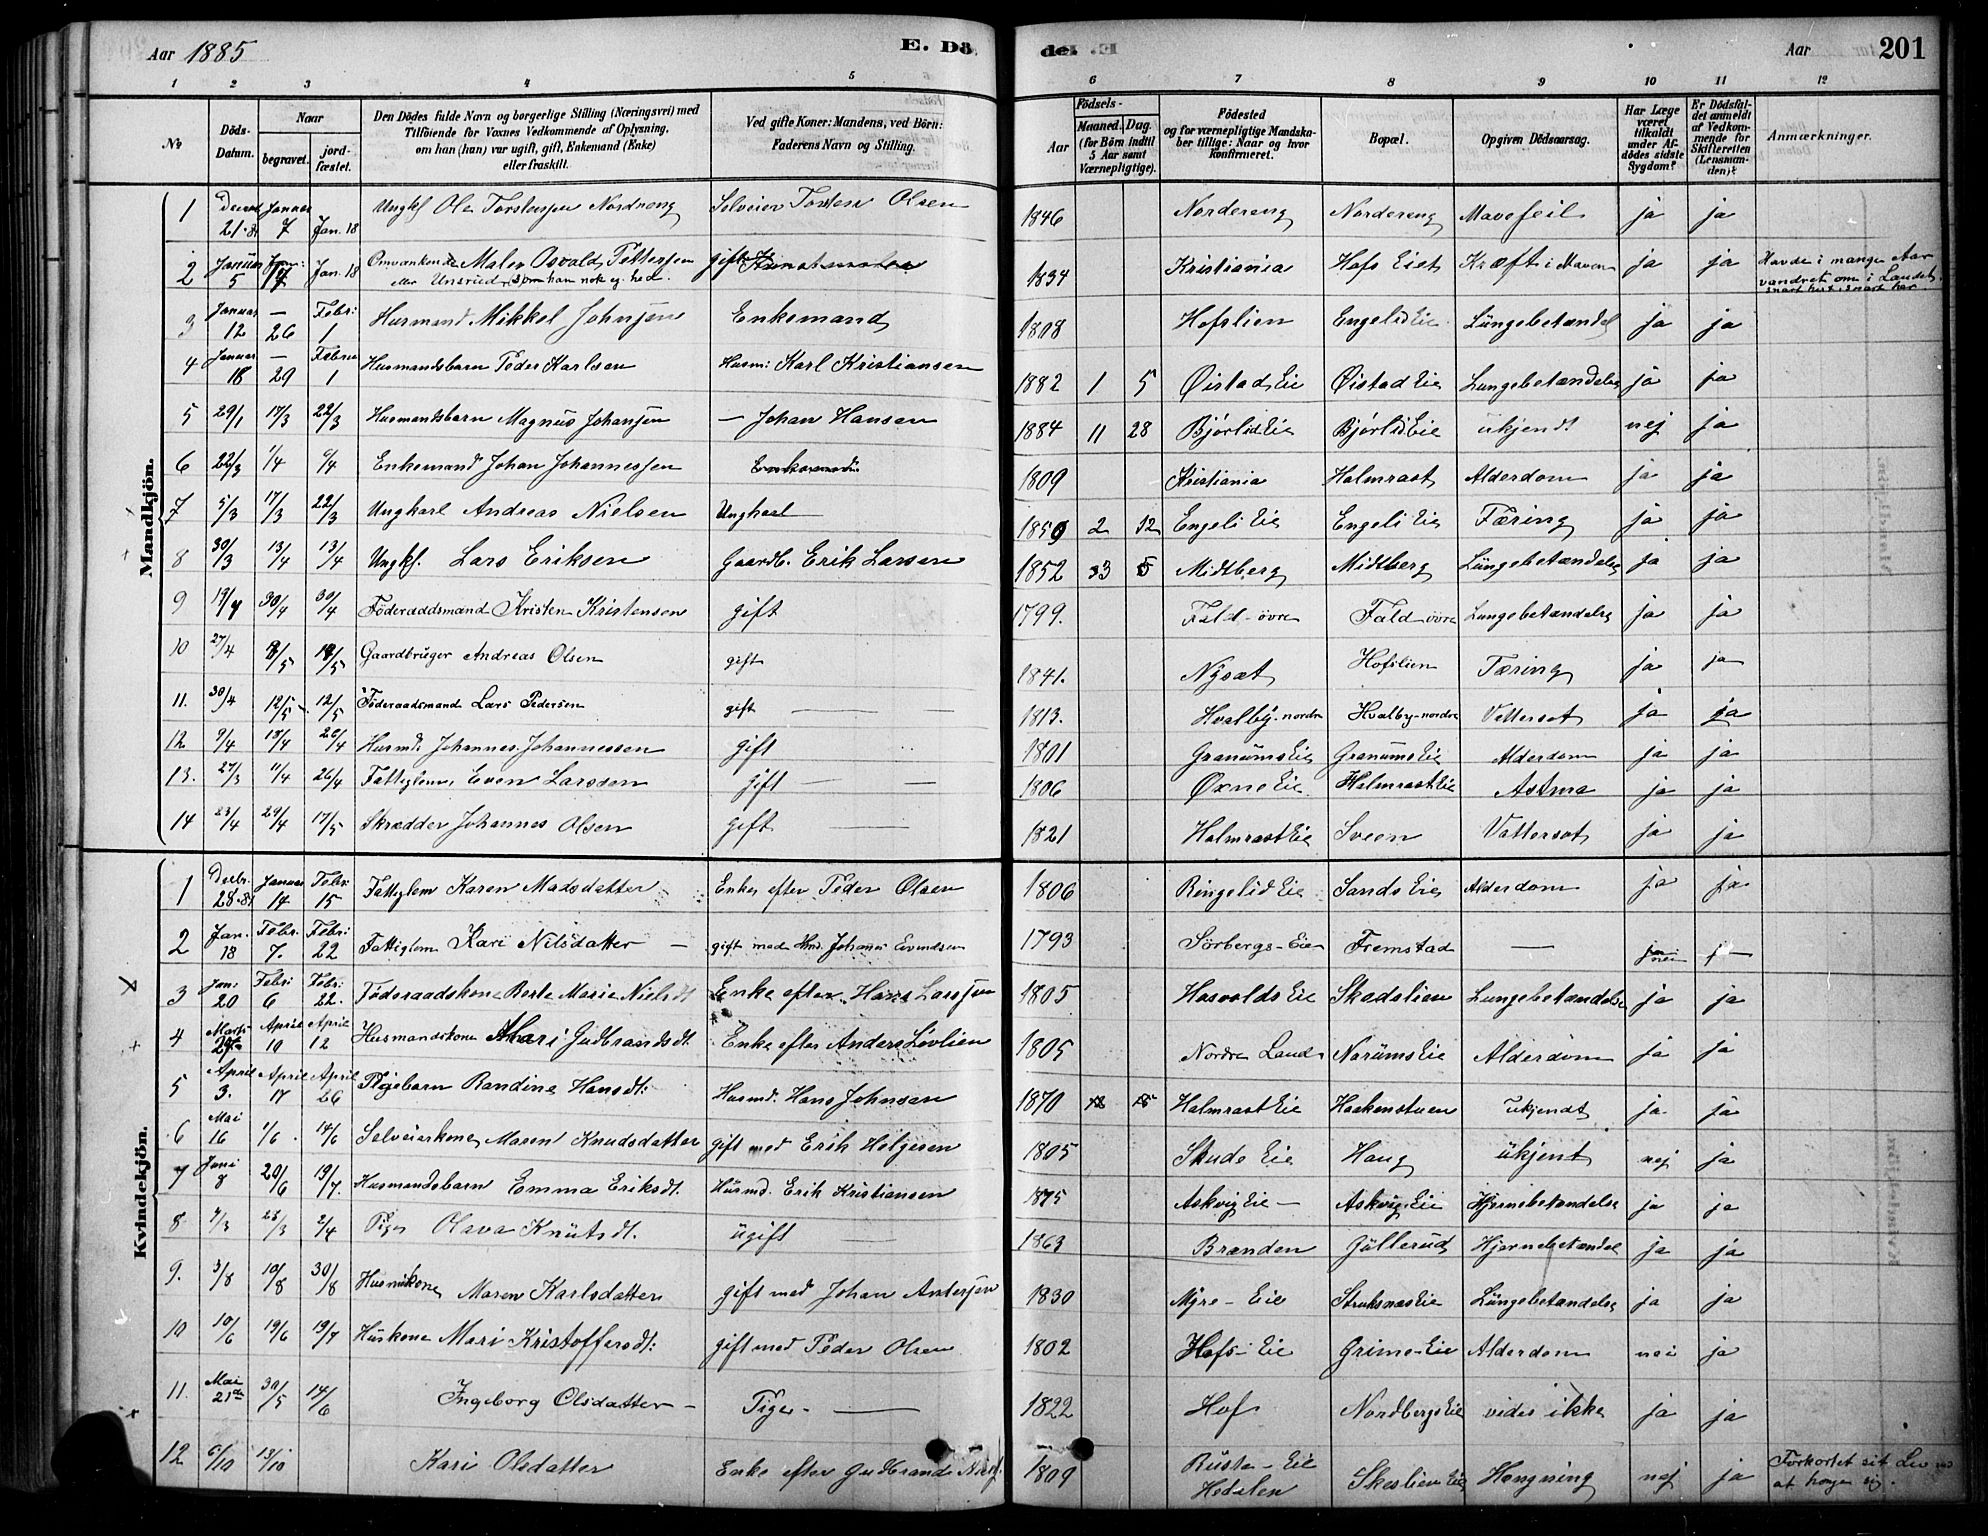 SAH, Søndre Land prestekontor, K/L0003: Ministerialbok nr. 3, 1878-1894, s. 201